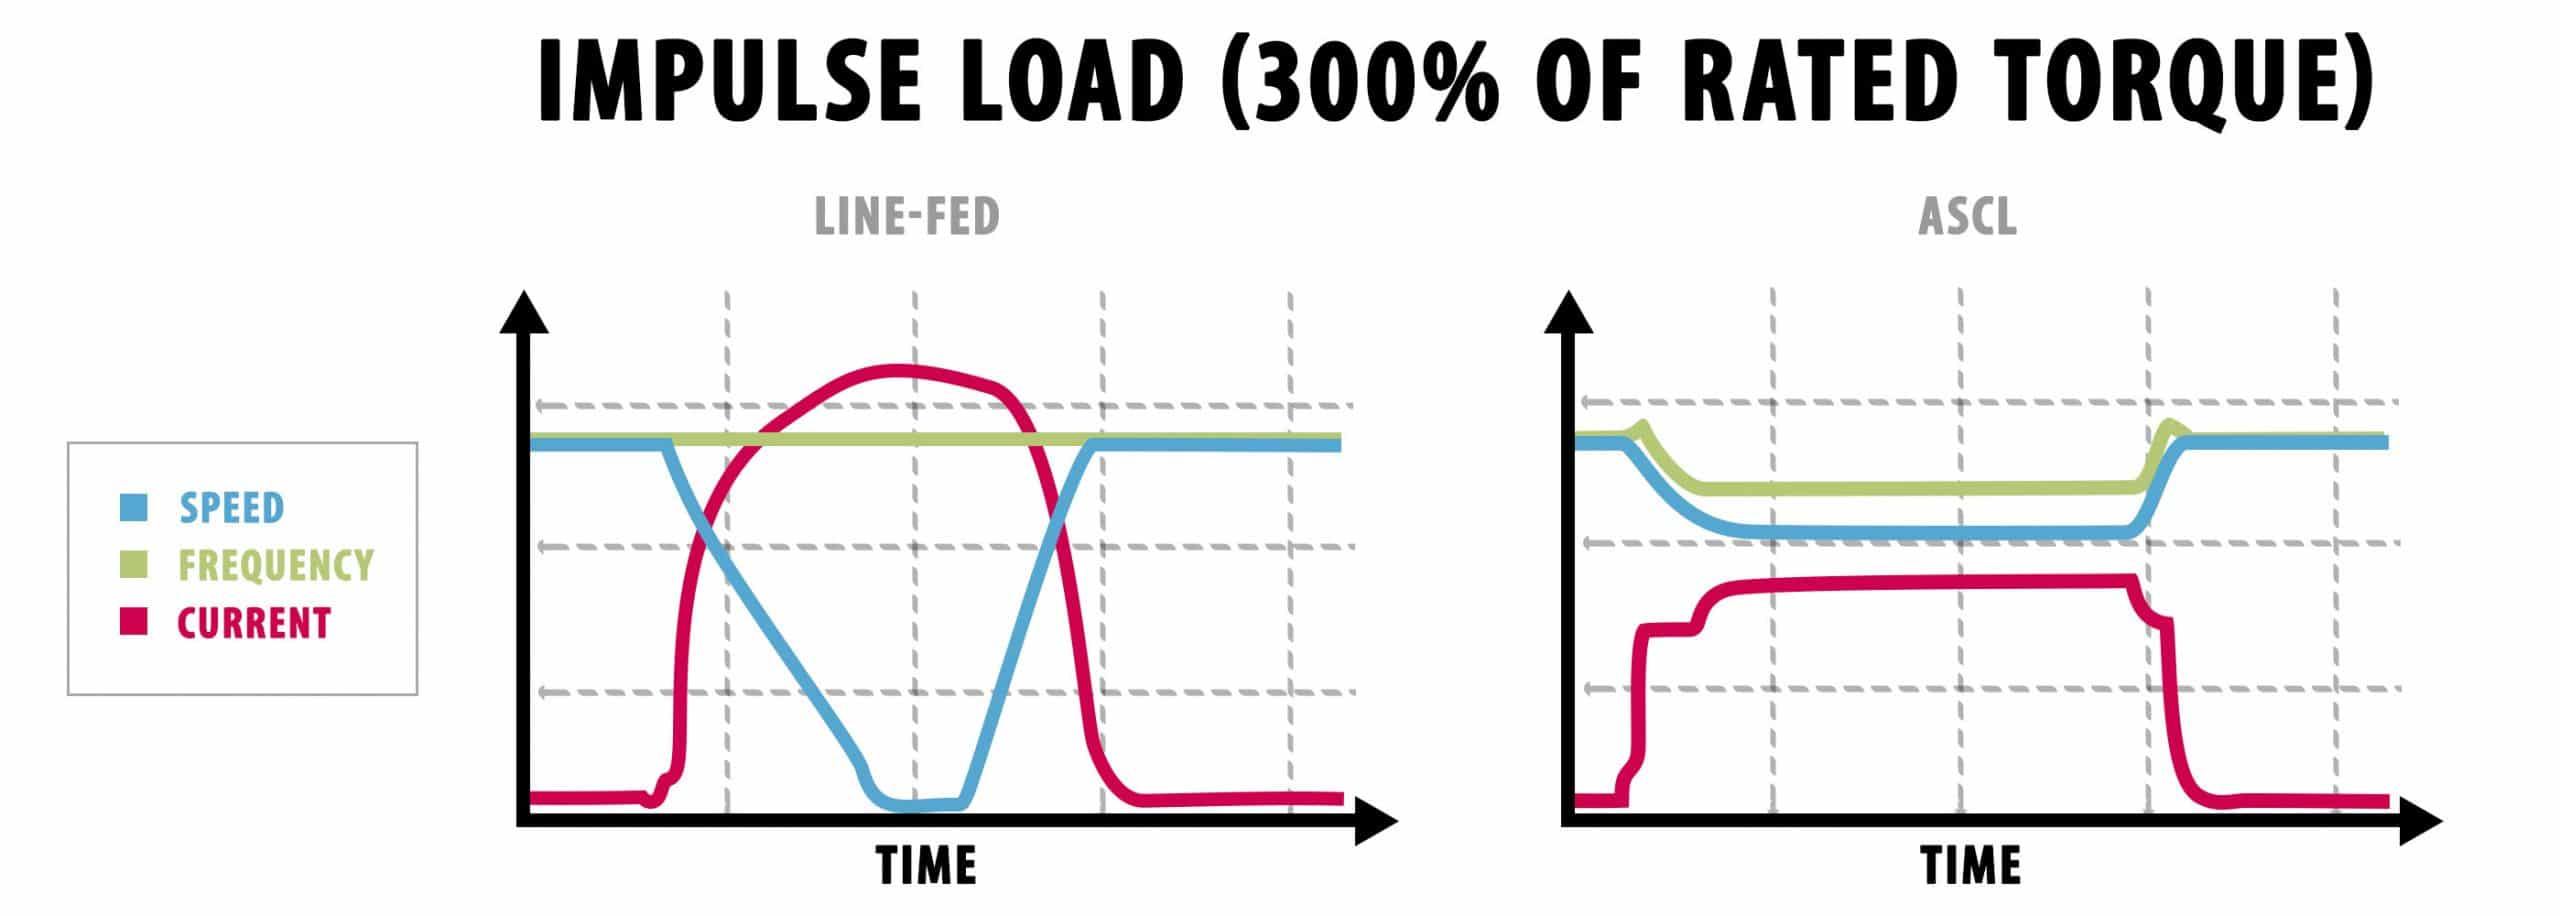 maximize motor torque under load